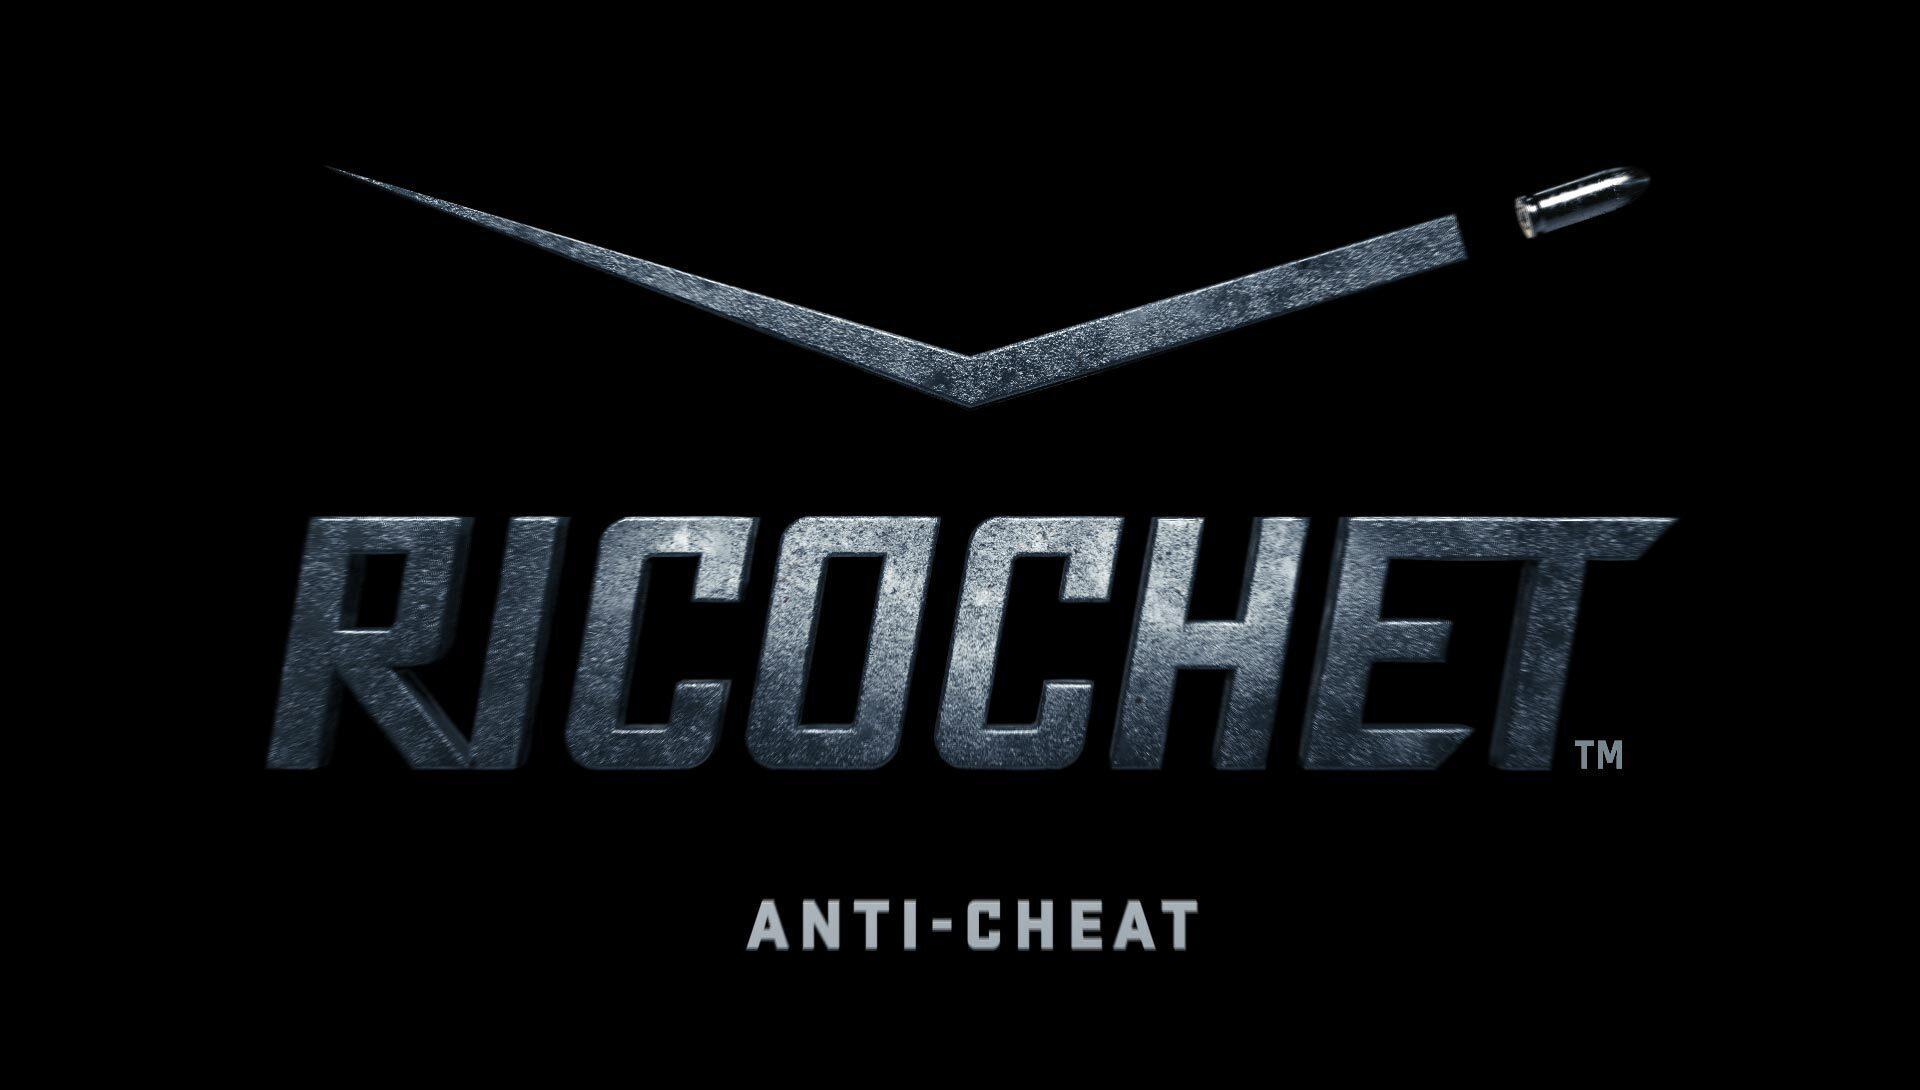 Call of Duty Warzone e Vanguard, rivelato il nuovo anti-cheat Ricochet